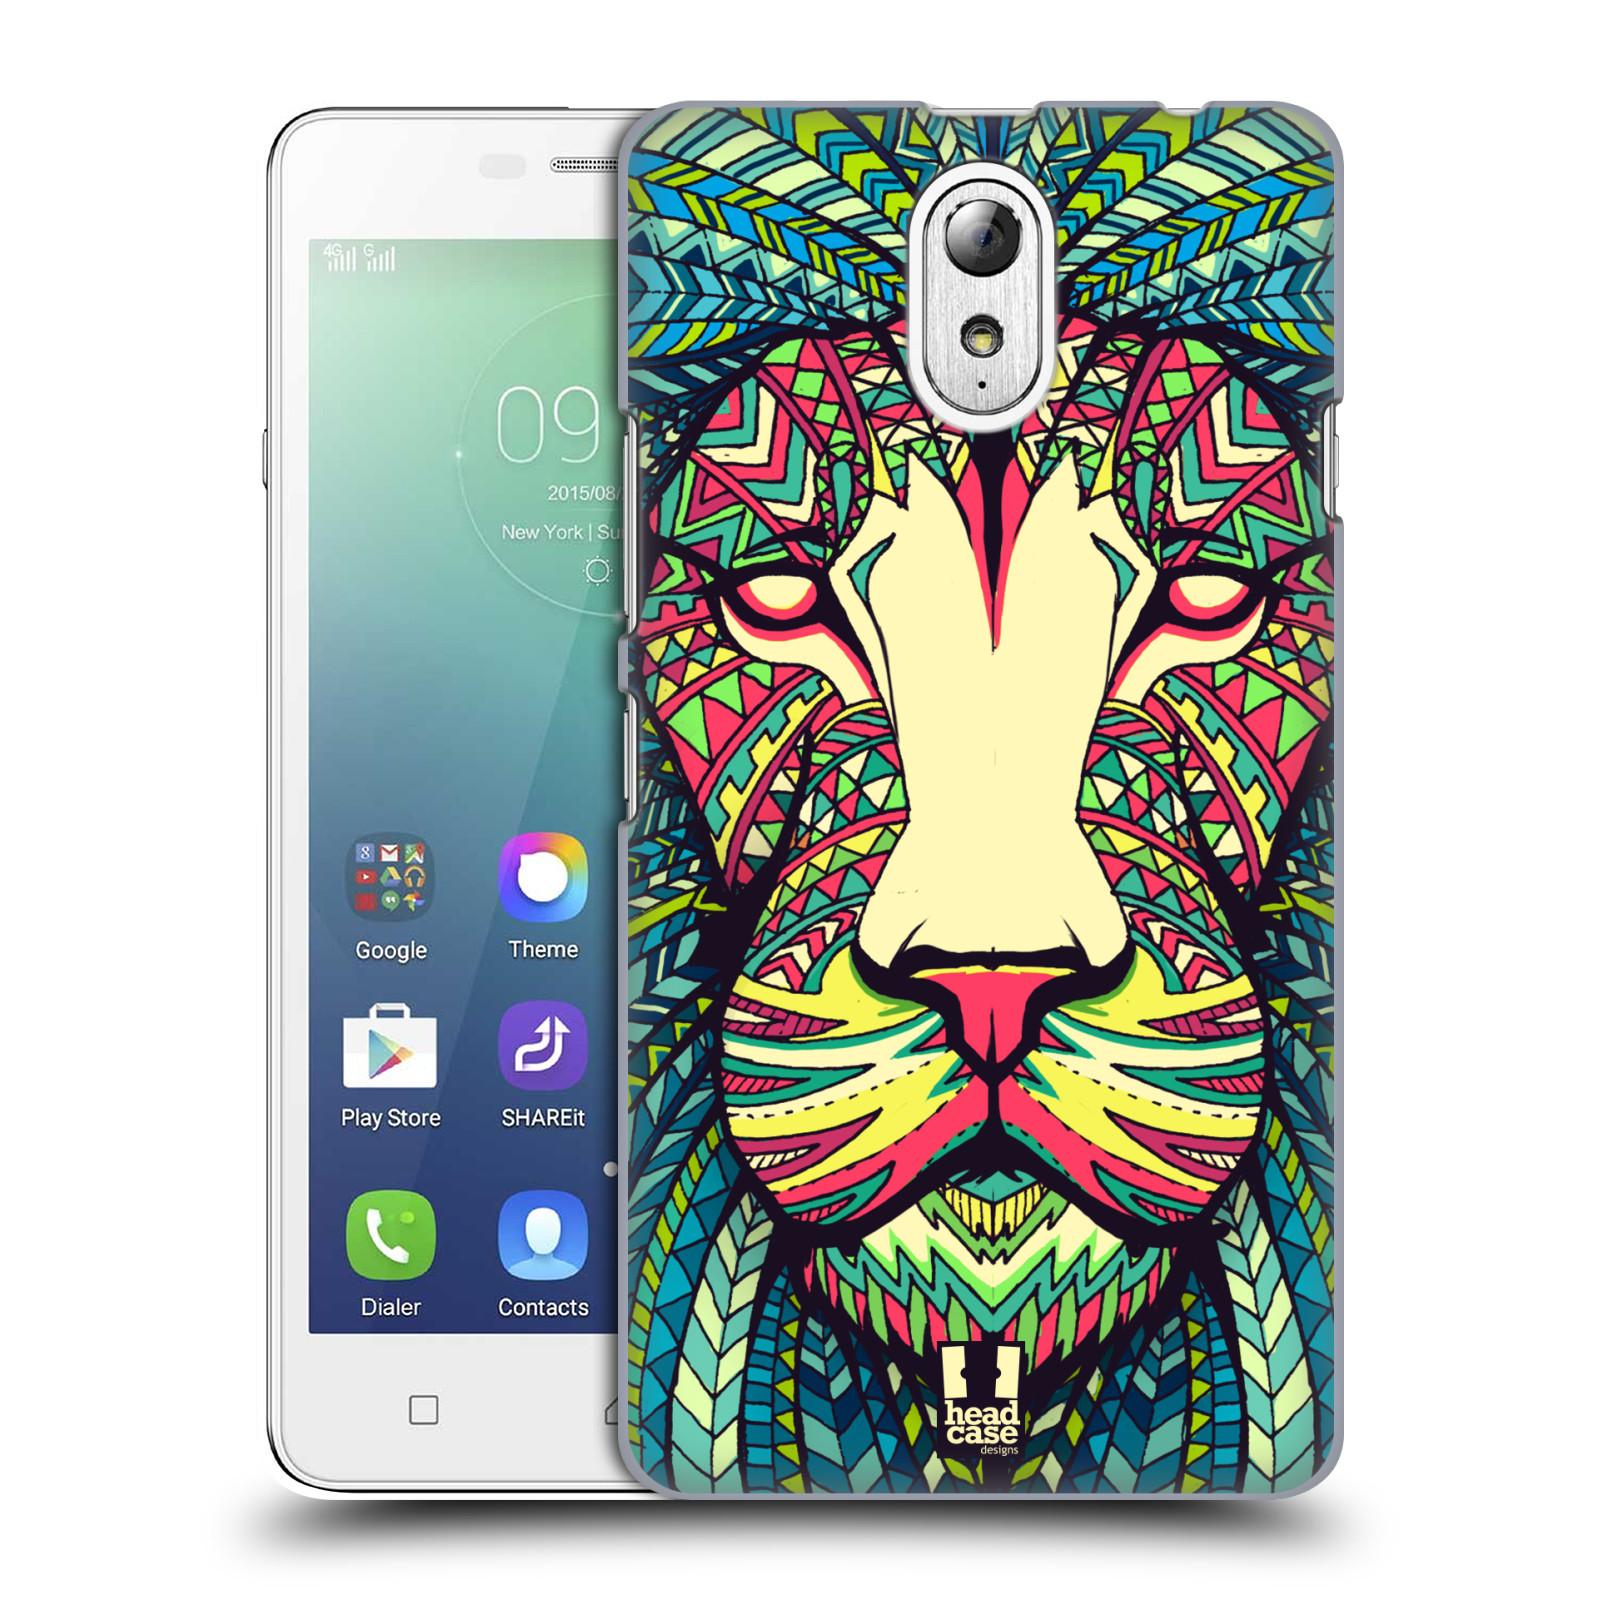 HEAD CASE pevný plastový obal na mobil LENOVO VIBE P1m / LENOVO VIBE p1m DUAL SIM vzor Aztécký motiv zvíře lev